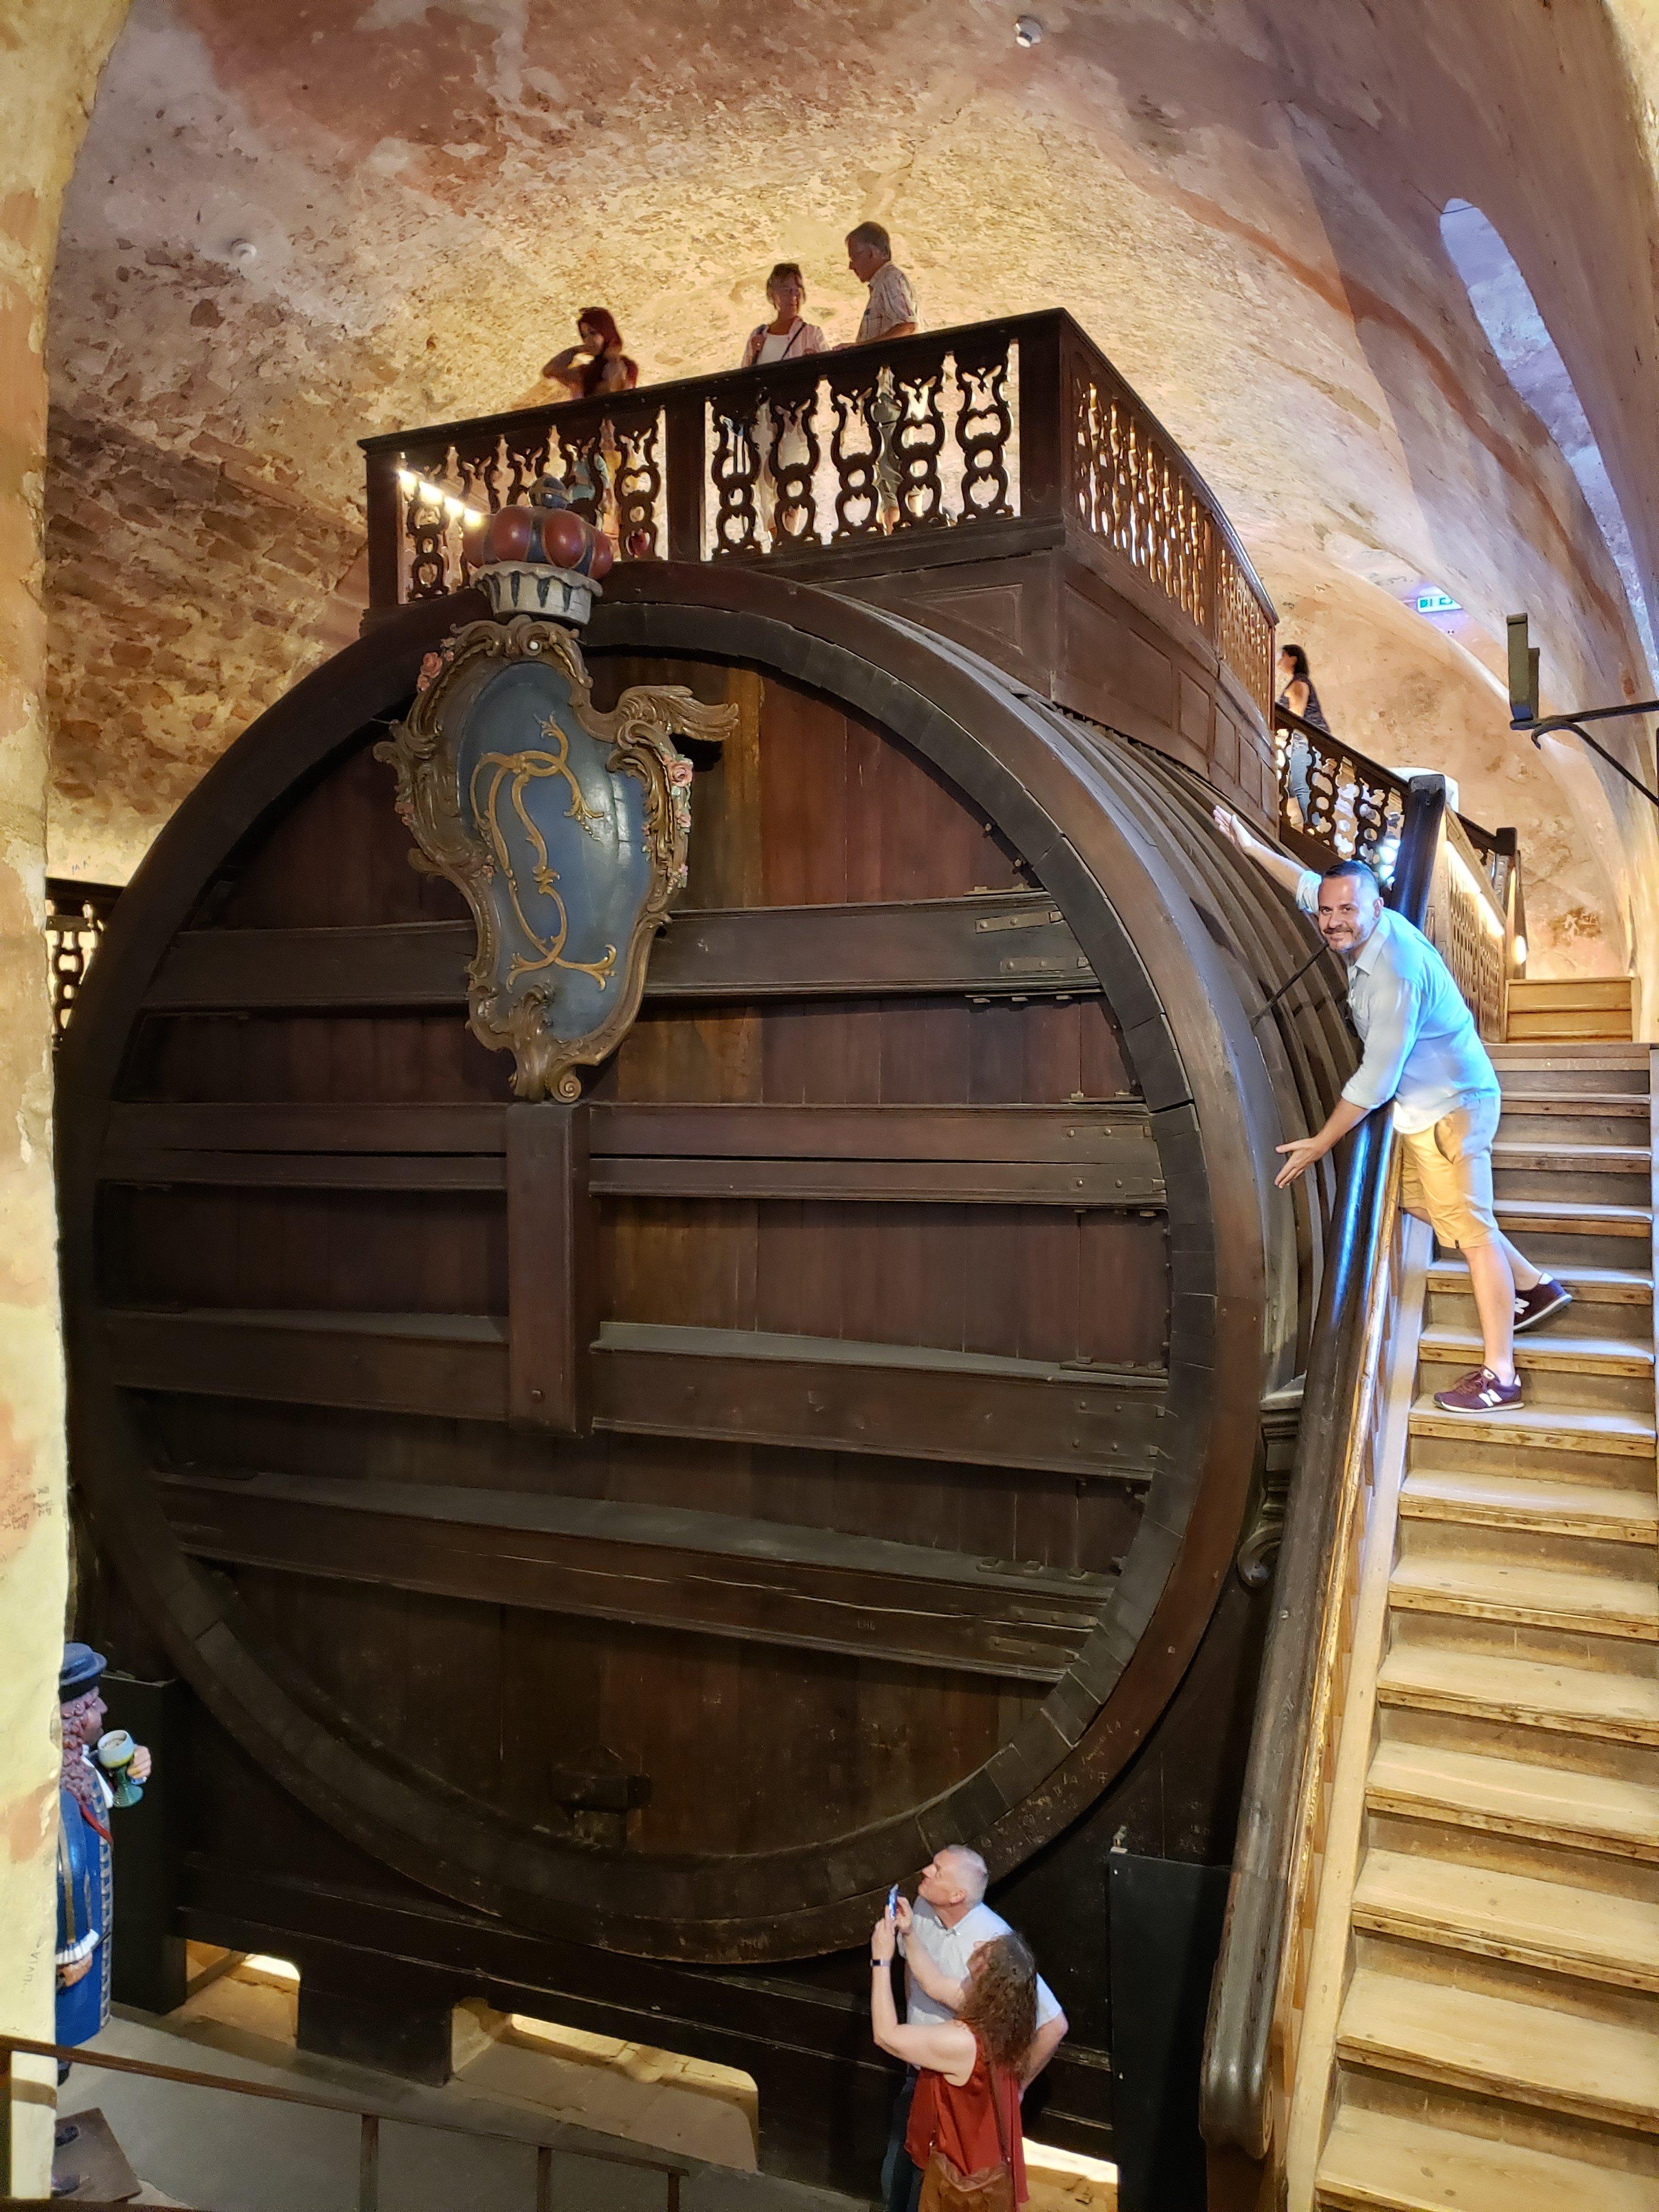 Grande barril de vinho